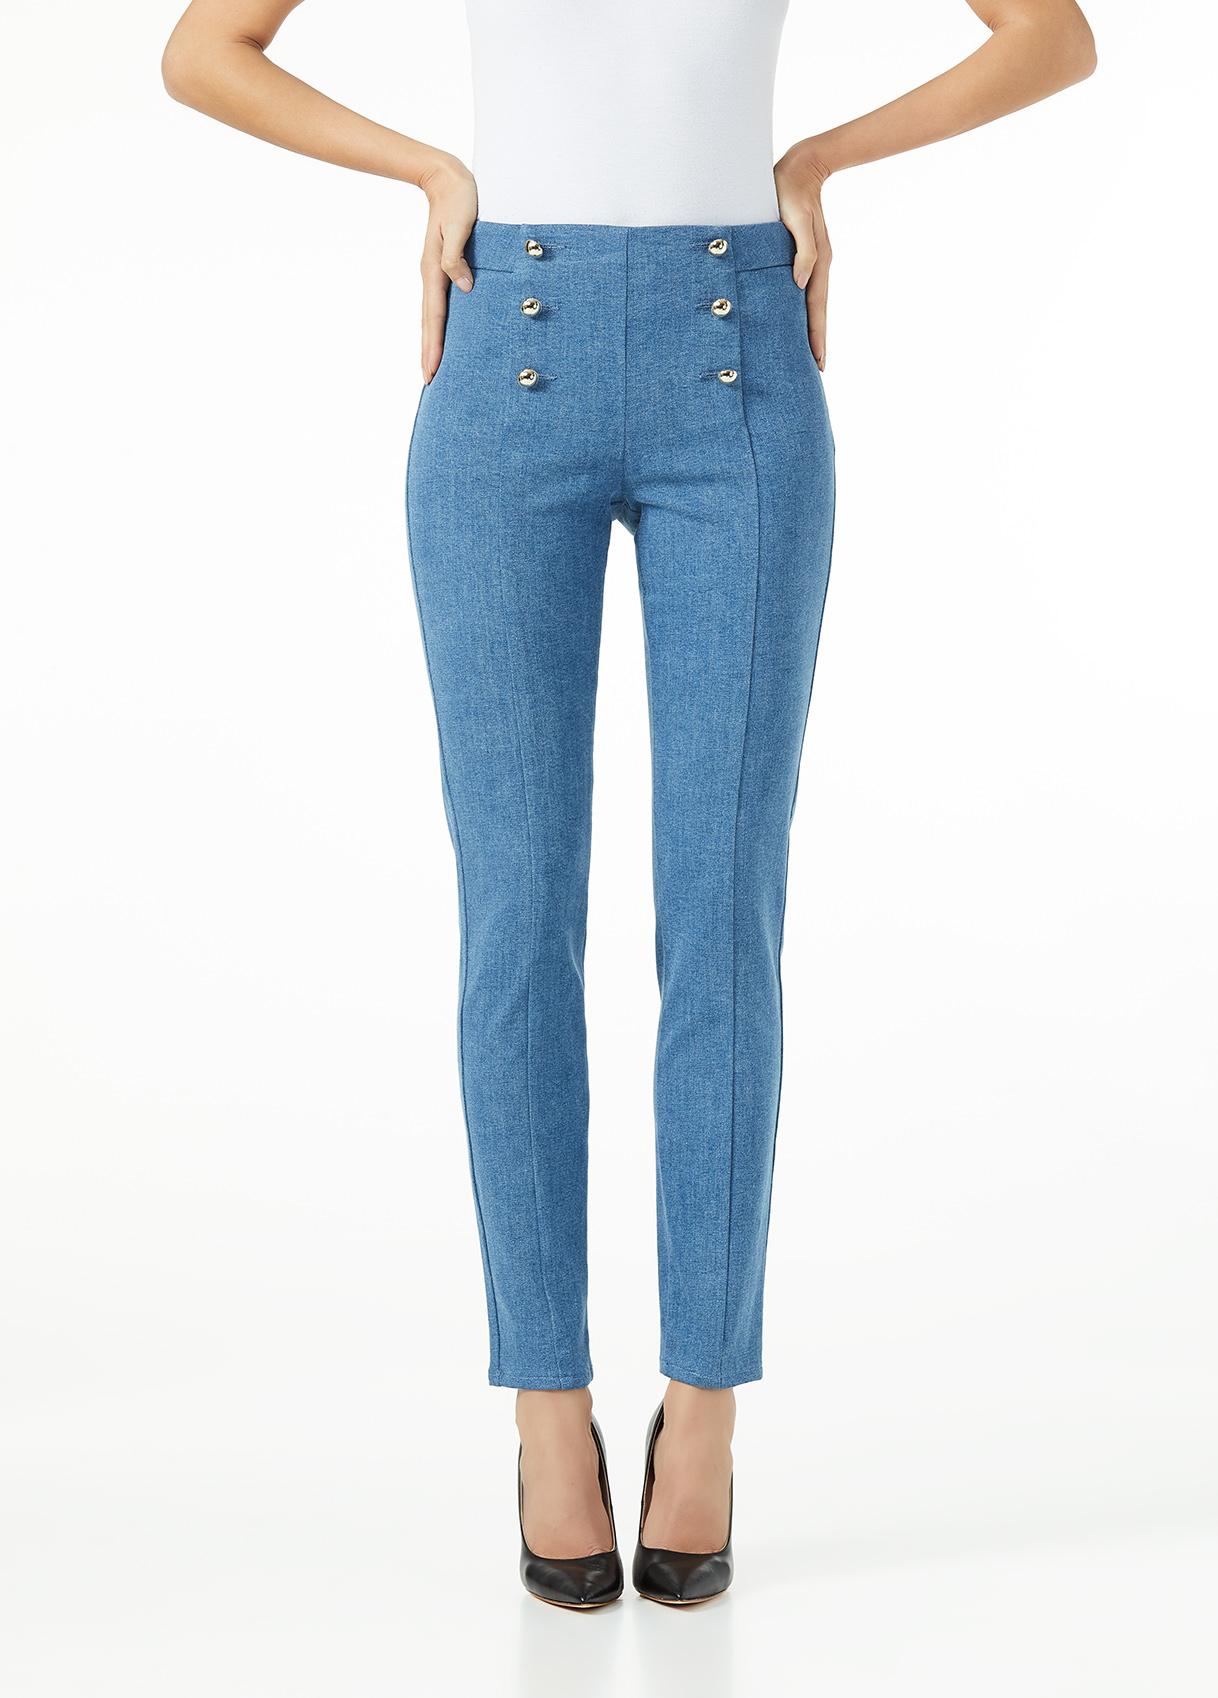 liujo-jeans-skinny-femme